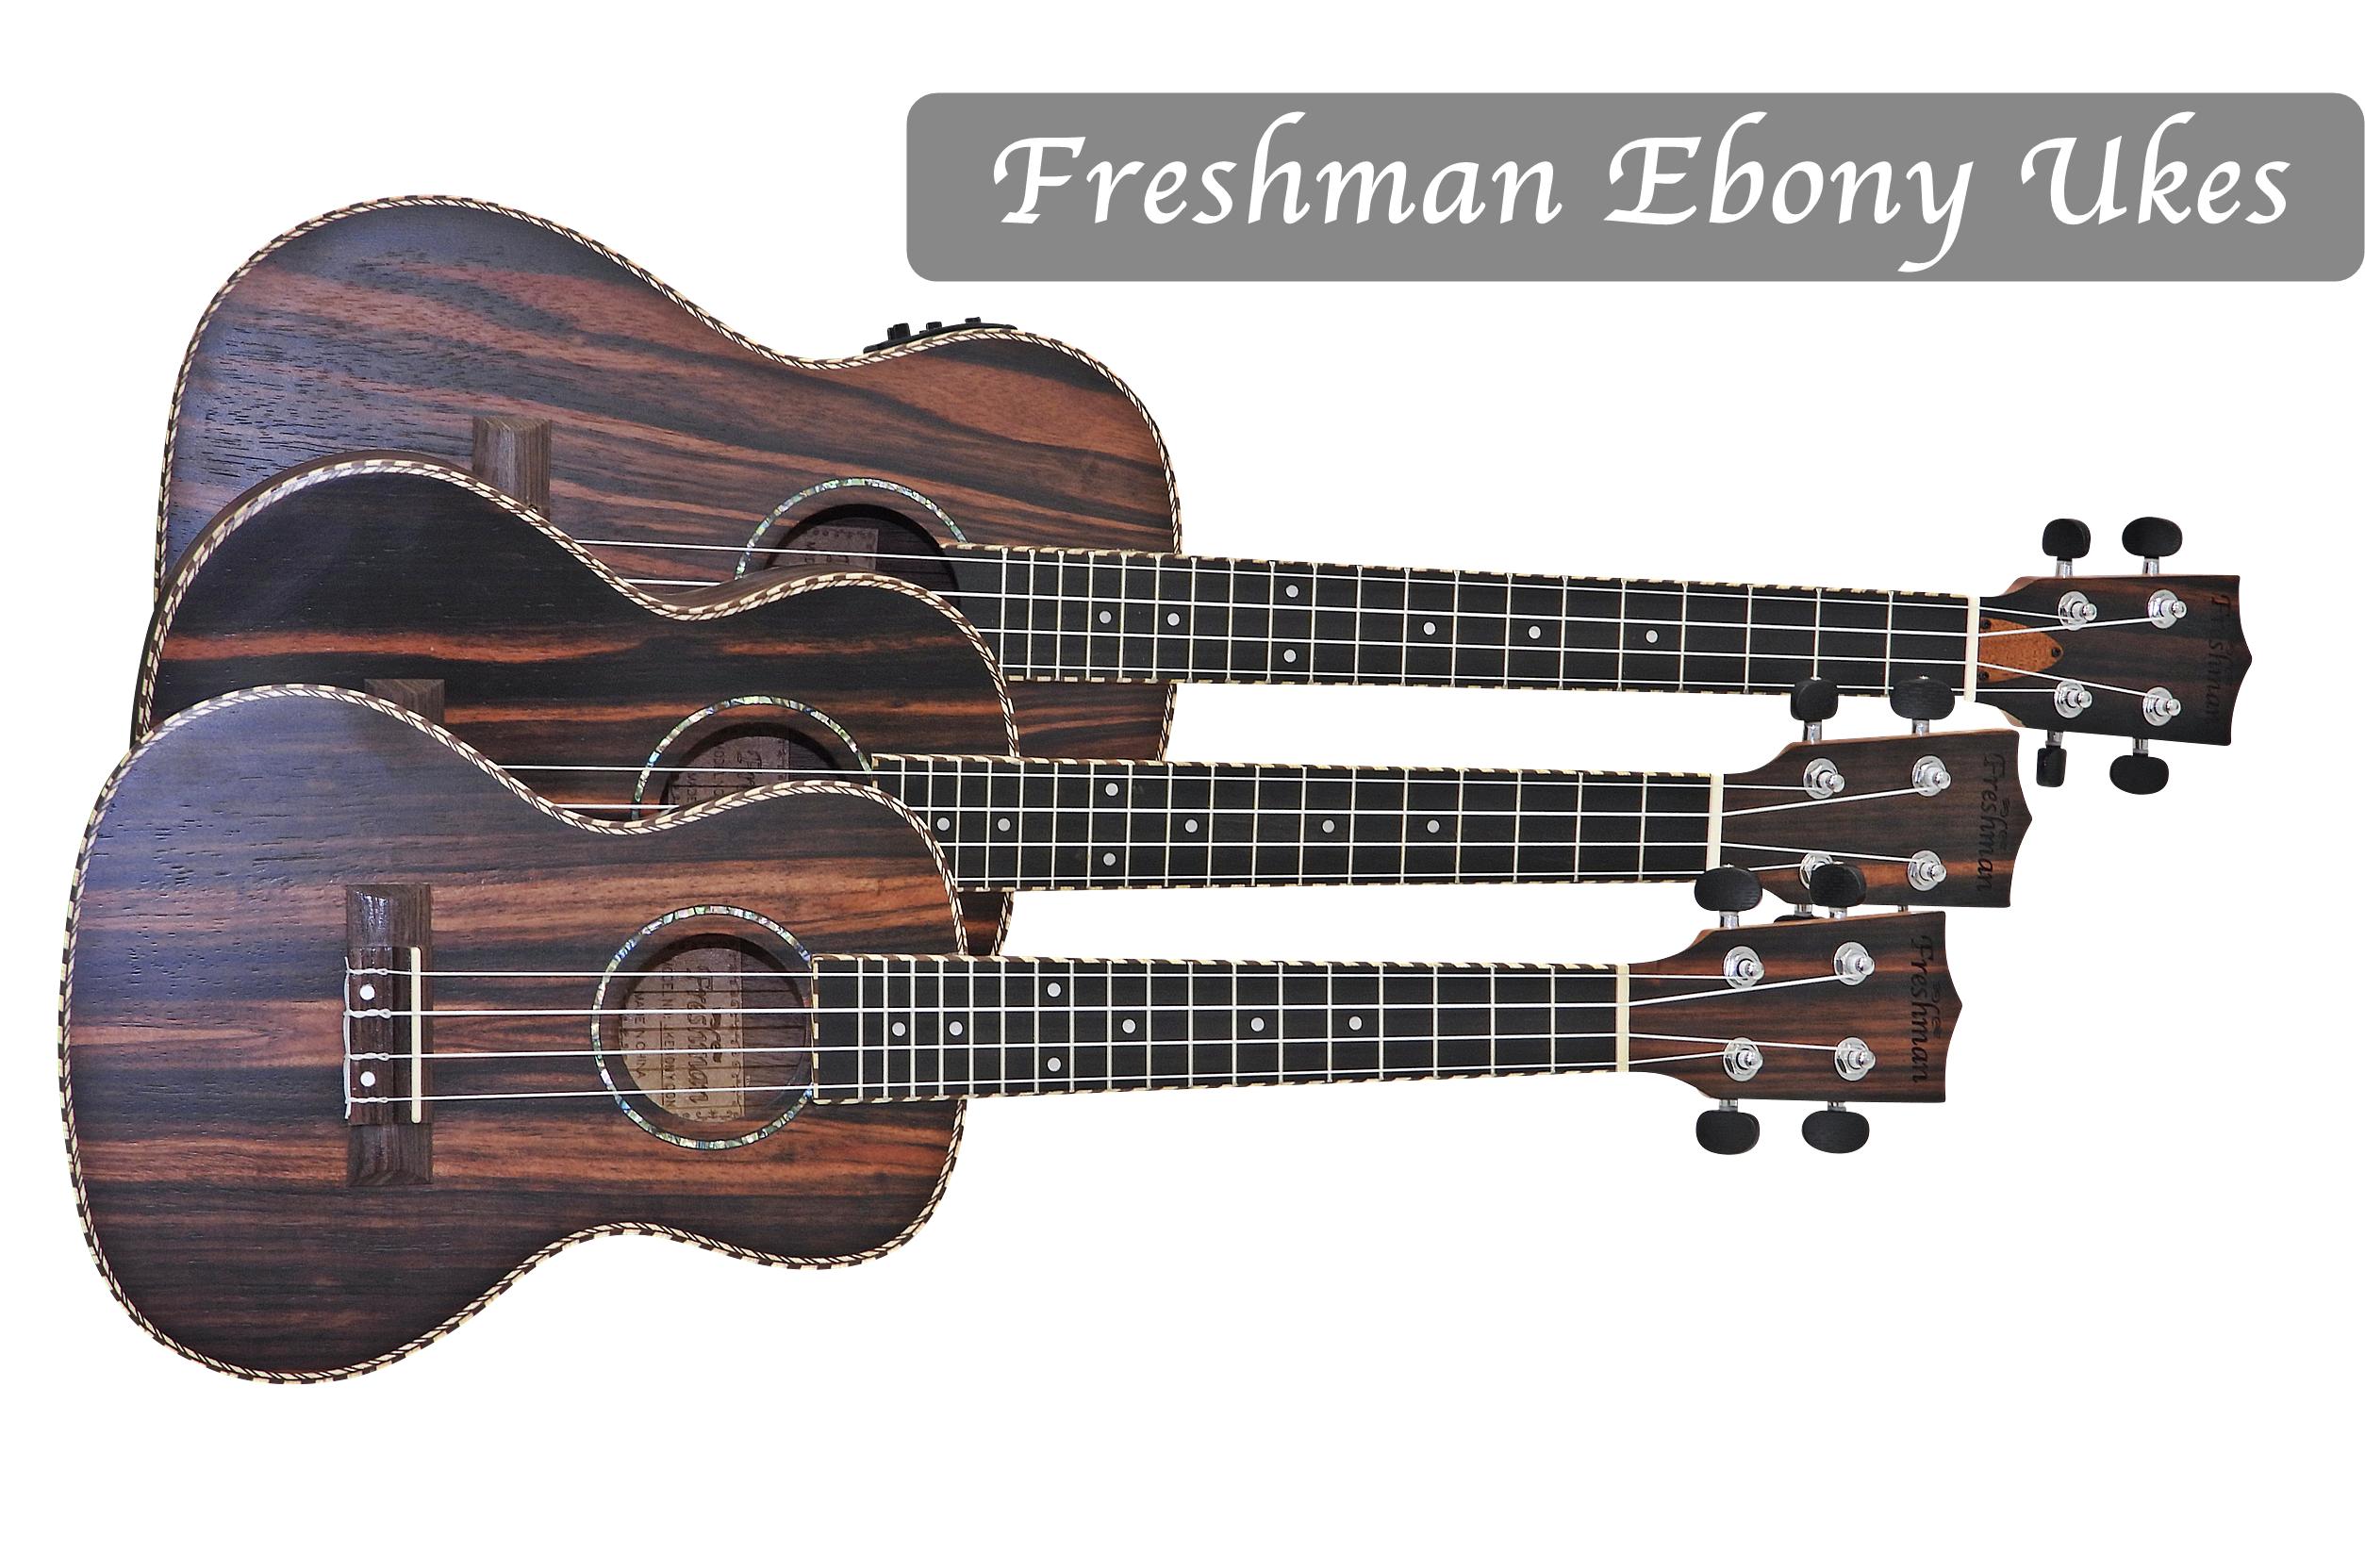 Freshman Ebony Series Ukuleles